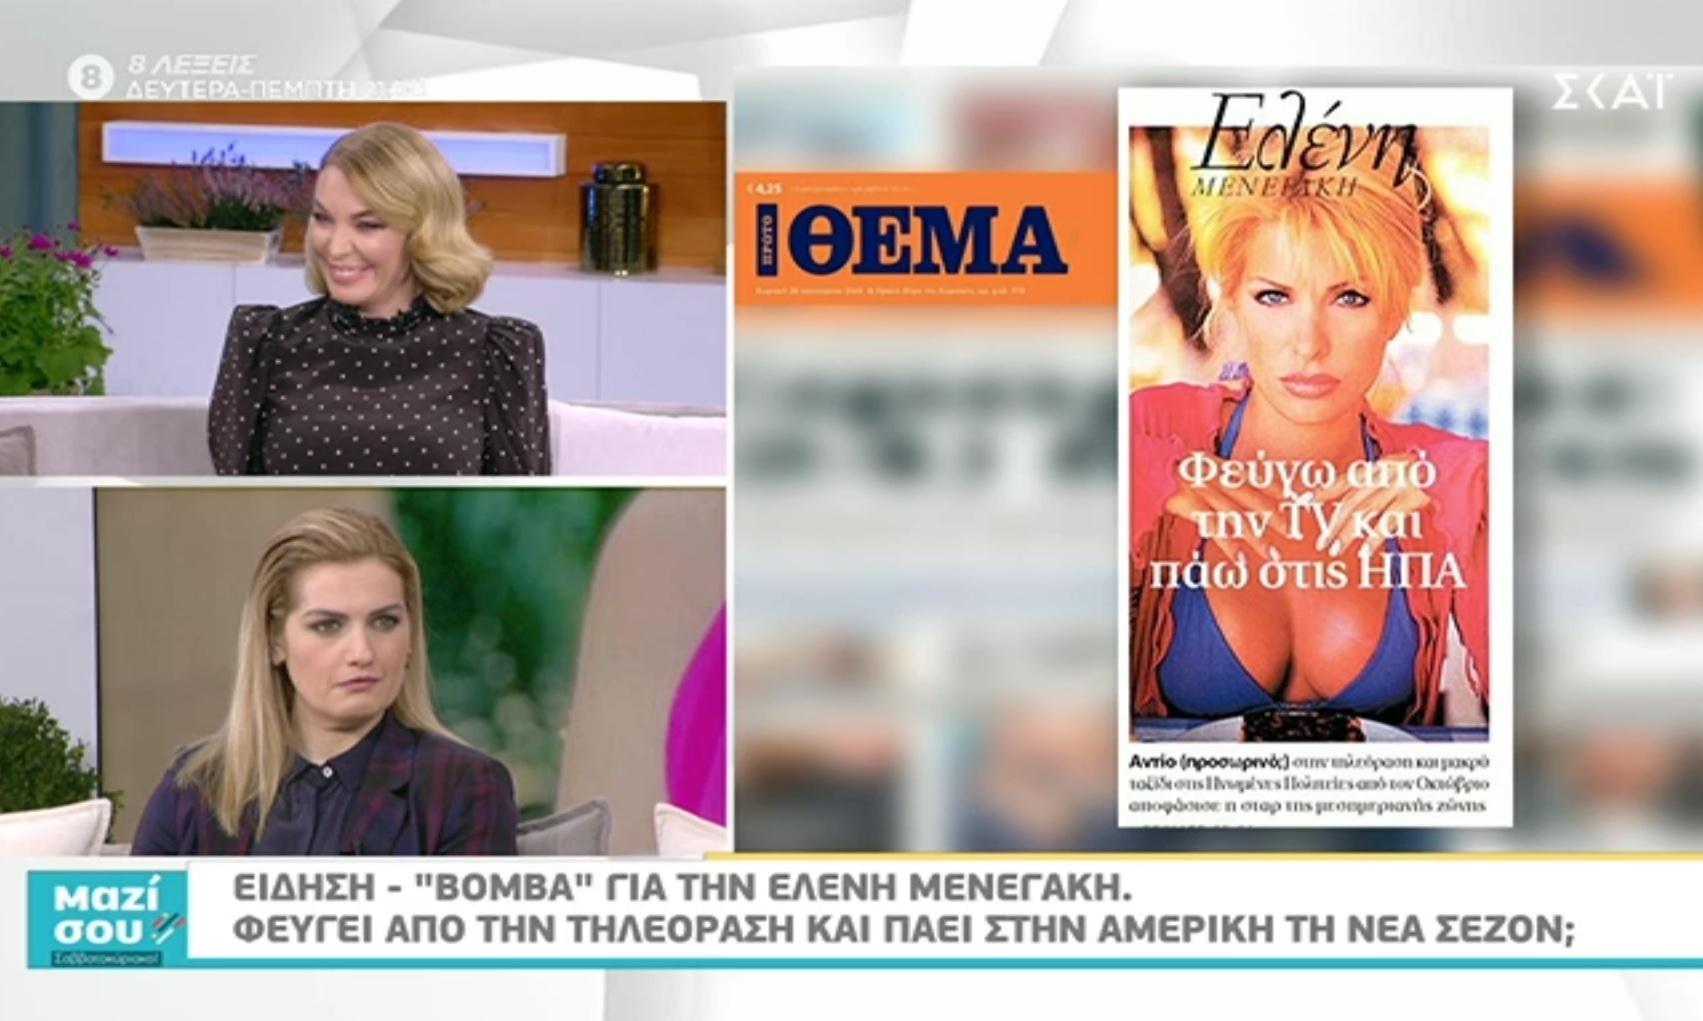 Τέλος η Ελένη Μενεγάκη από τον Alpha – Το ταξίδι στην Αμερική και το τηλεοπτικό της μέλλον στην Ελλάδα